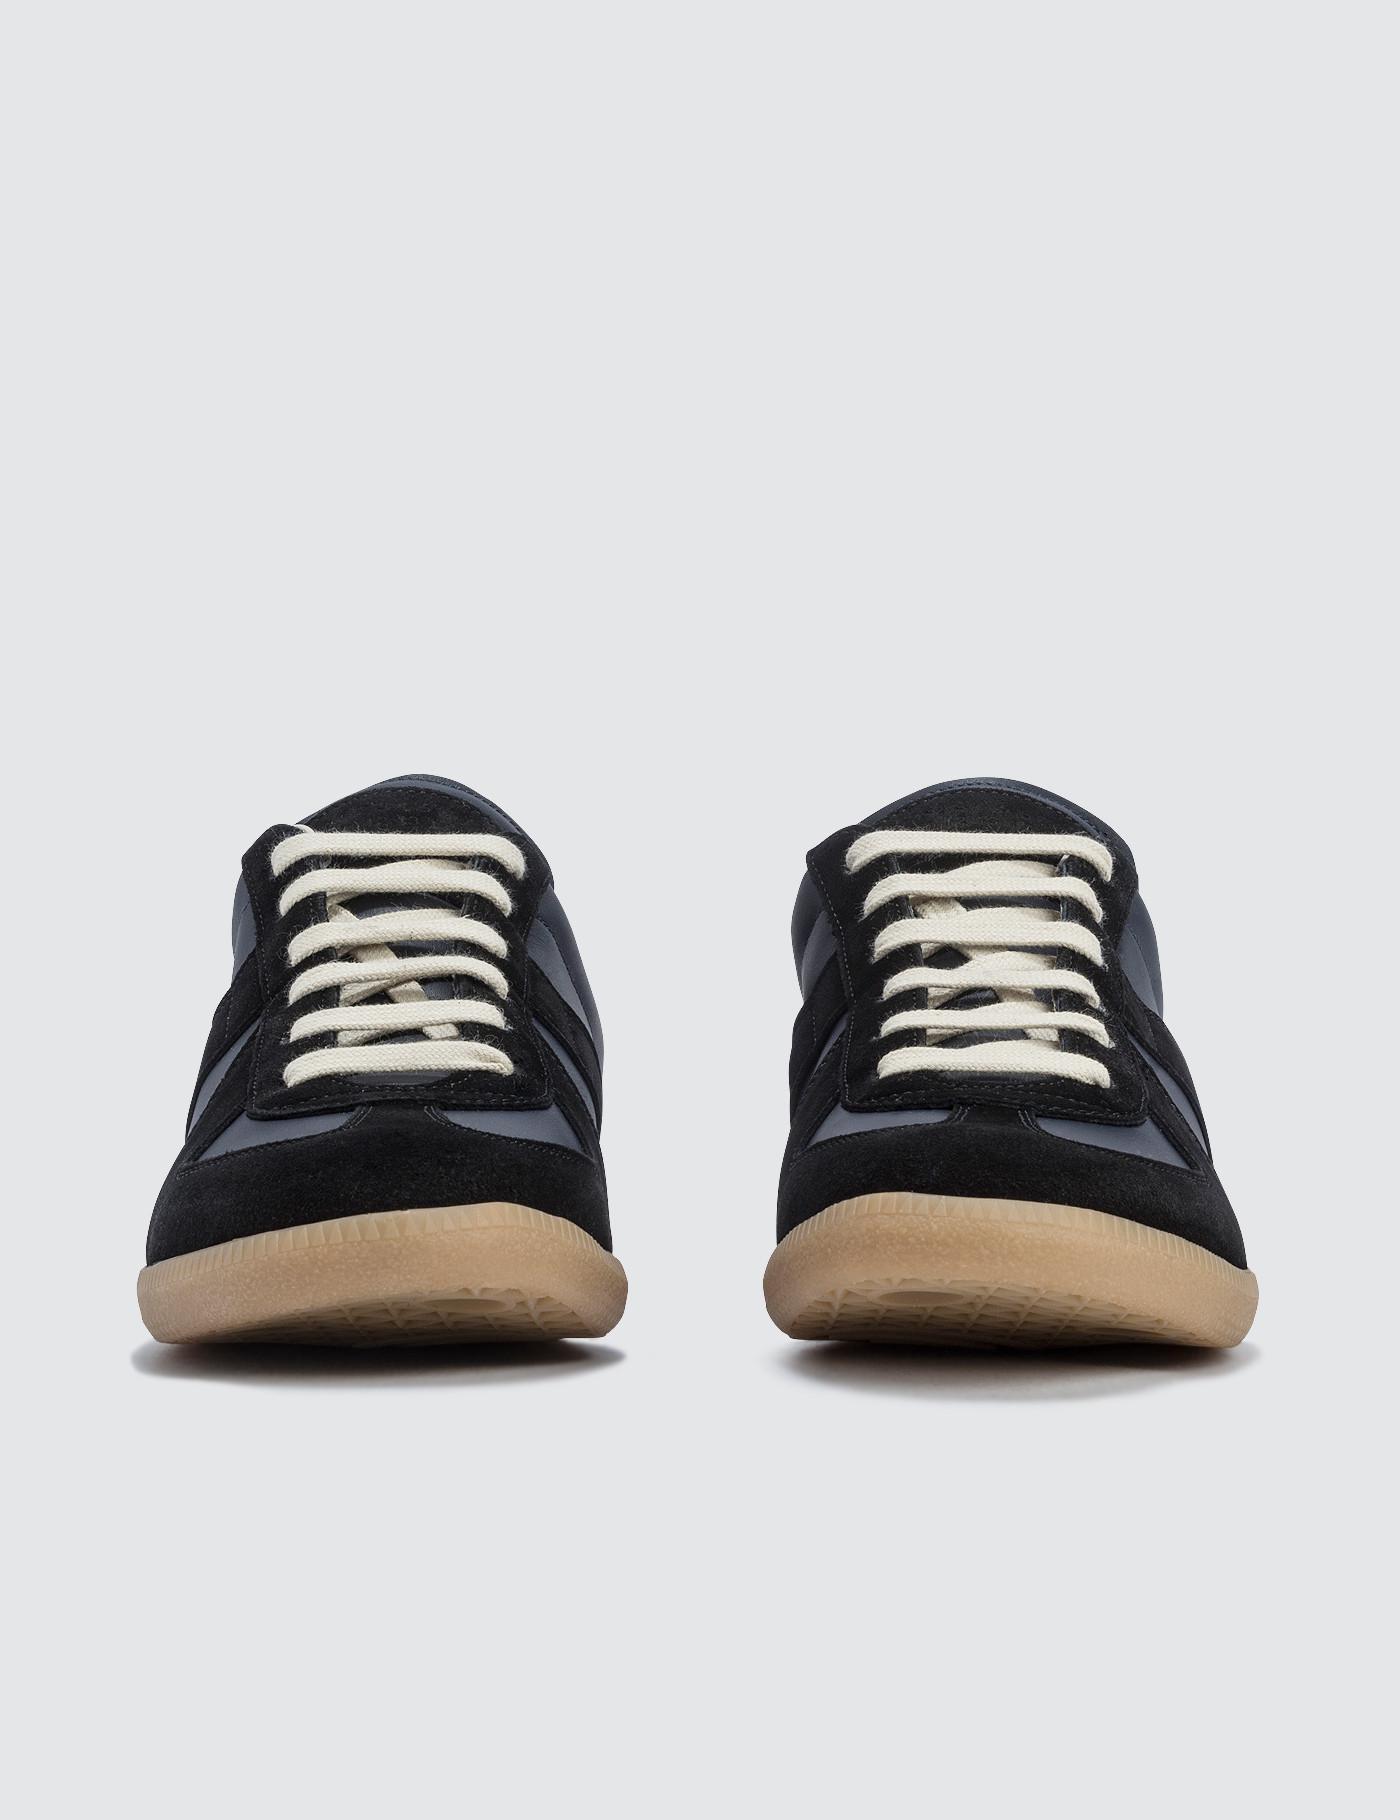 c89b13e21260 Maison Margiela Replica Low Top Sneaker in Blue for Men - Lyst